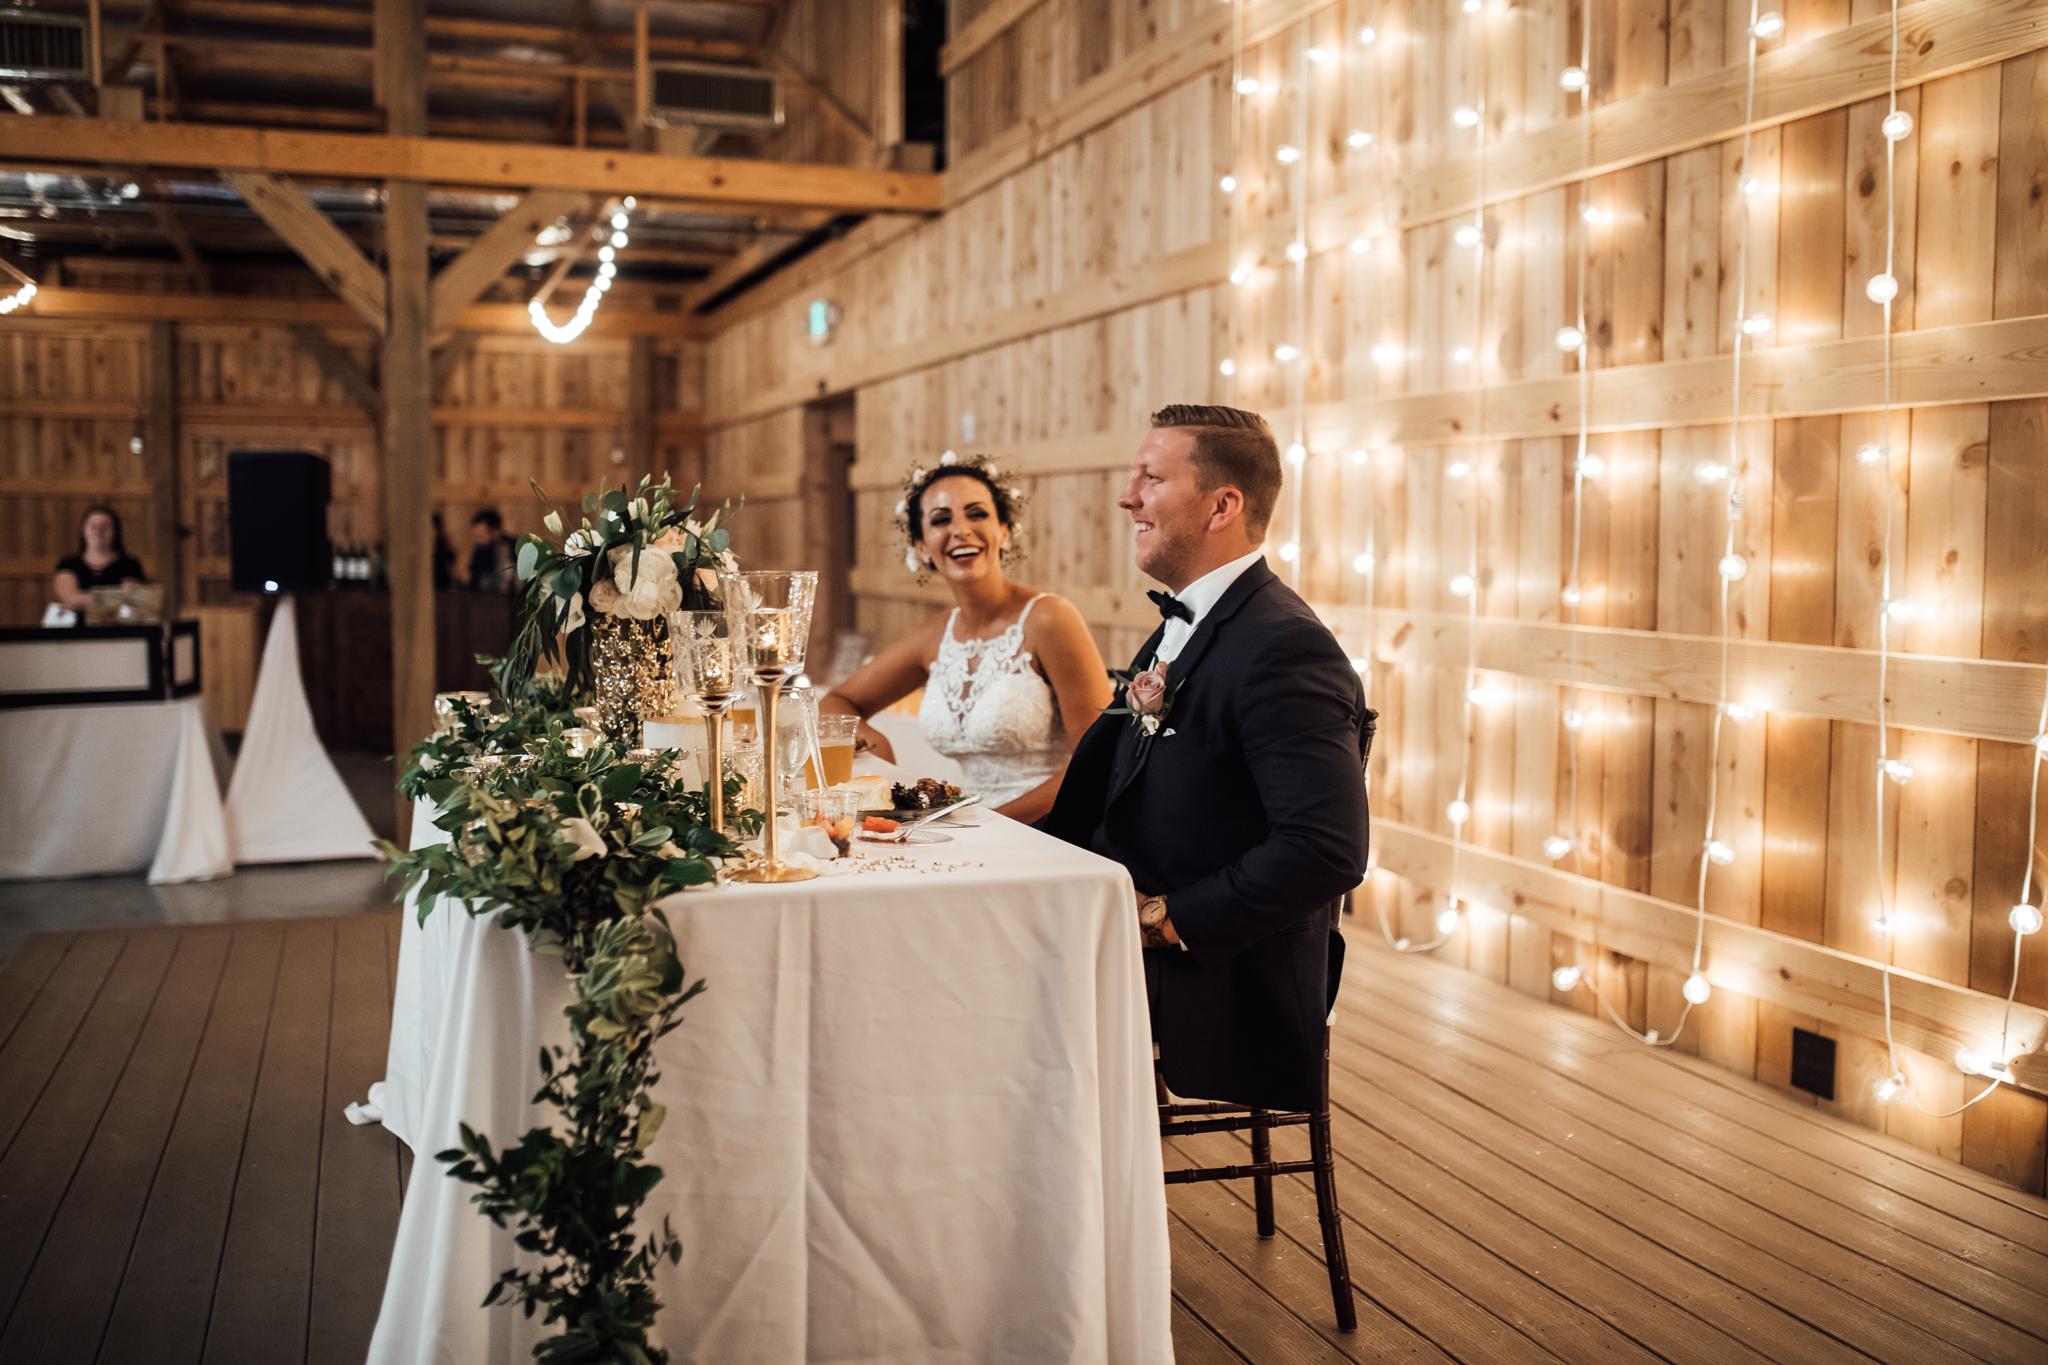 saddlewoodsfarms-nashville-wedding-photographer-thewarmtharoundyou-rustic-wedding (216 of 251).jpg